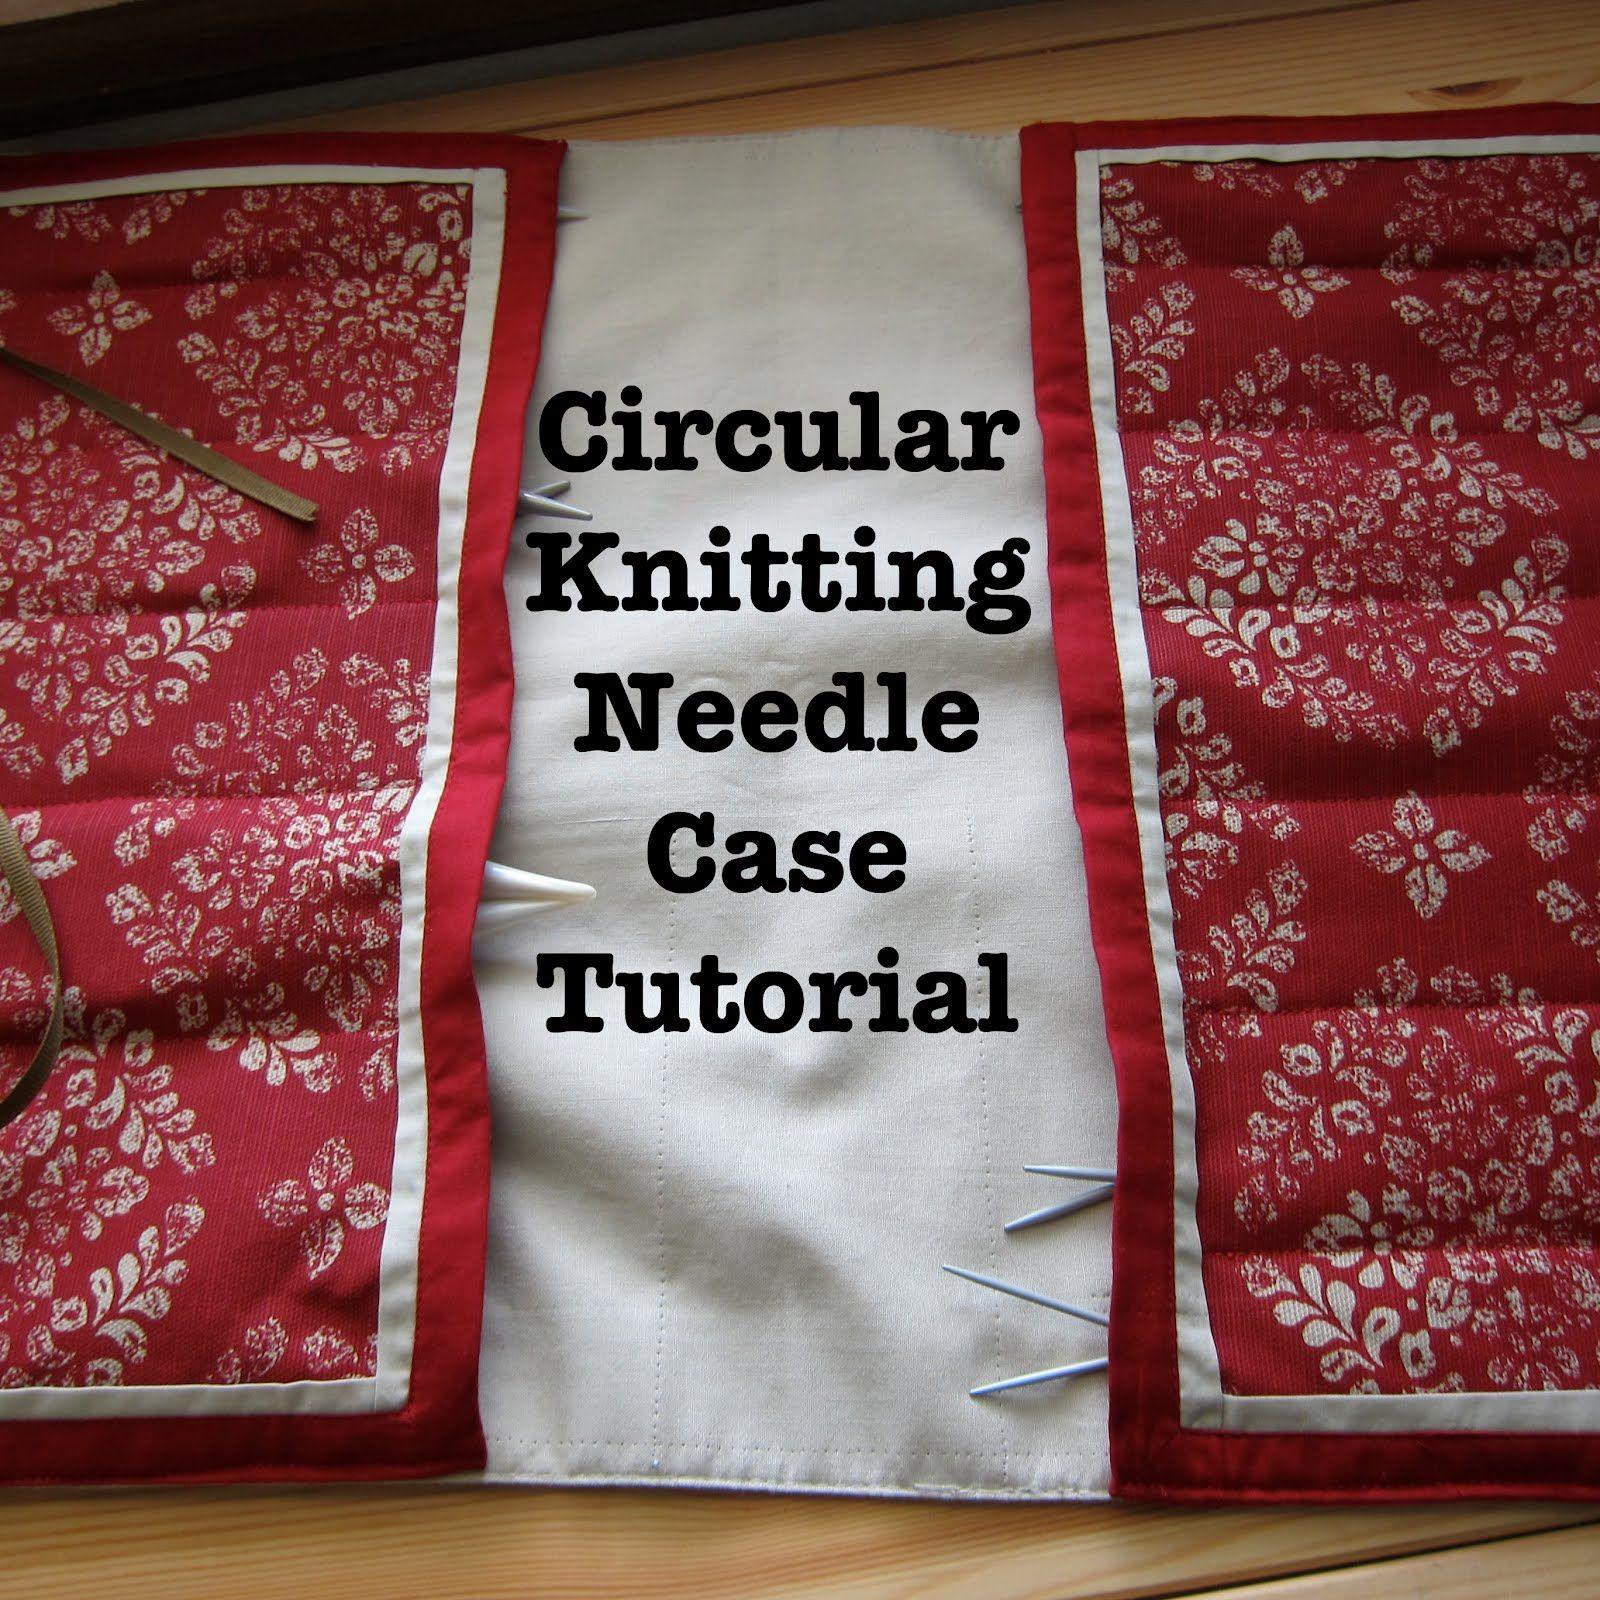 Knitting Needle Case Diy : The gauge wars circular knitting needle case tutorial